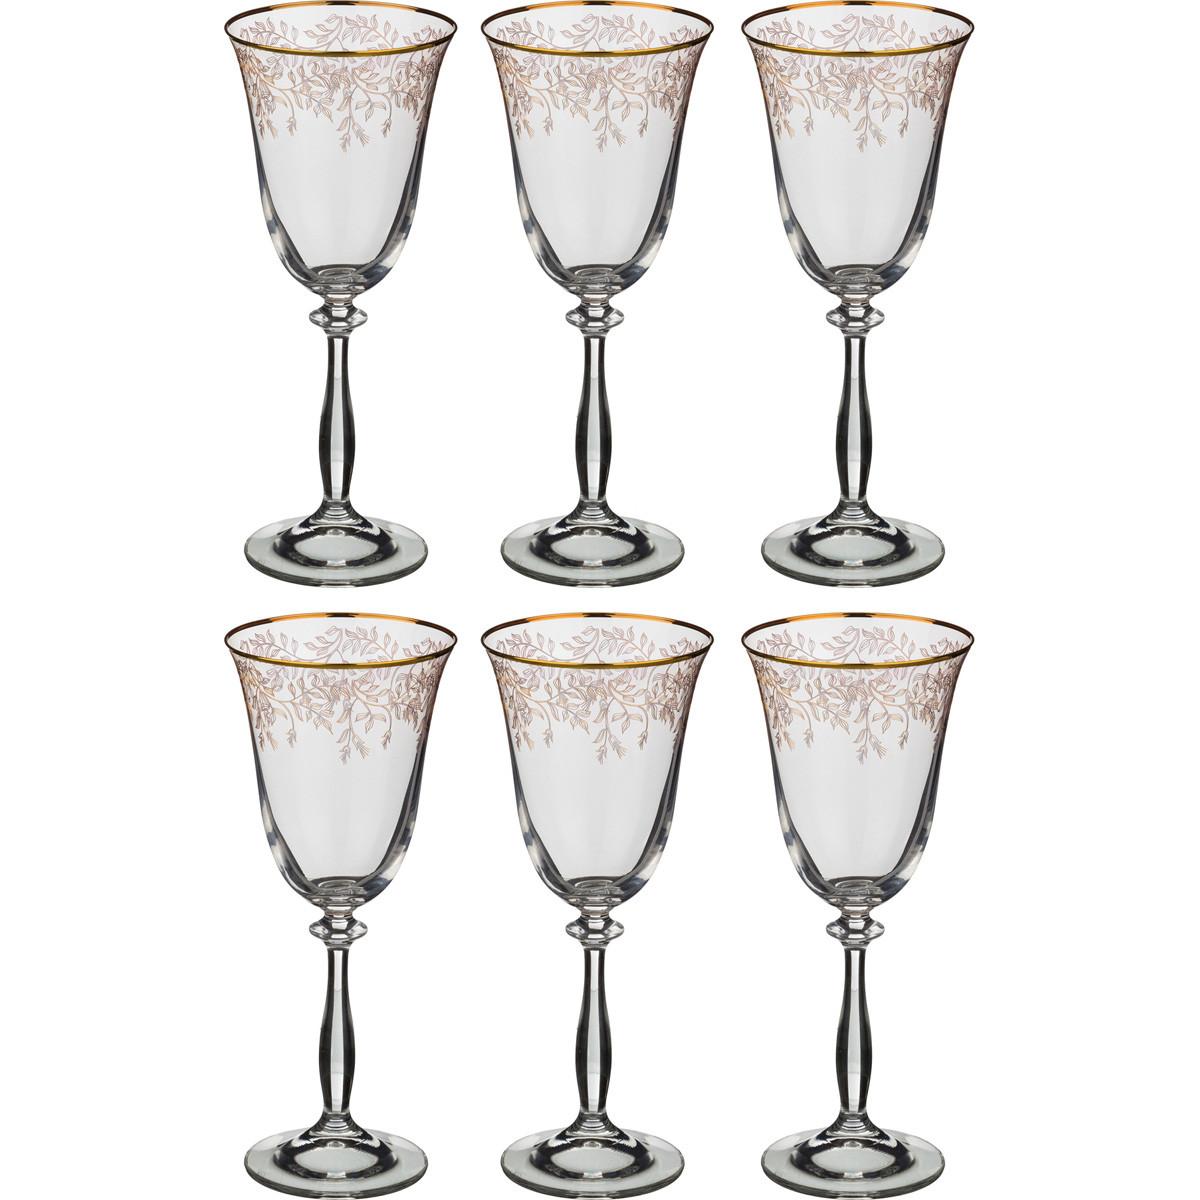 {} Bohemia Crystal Набор бокалов для вина Olivia (22 см - 6 шт) набор бокалов bohemia crystal  рождественский